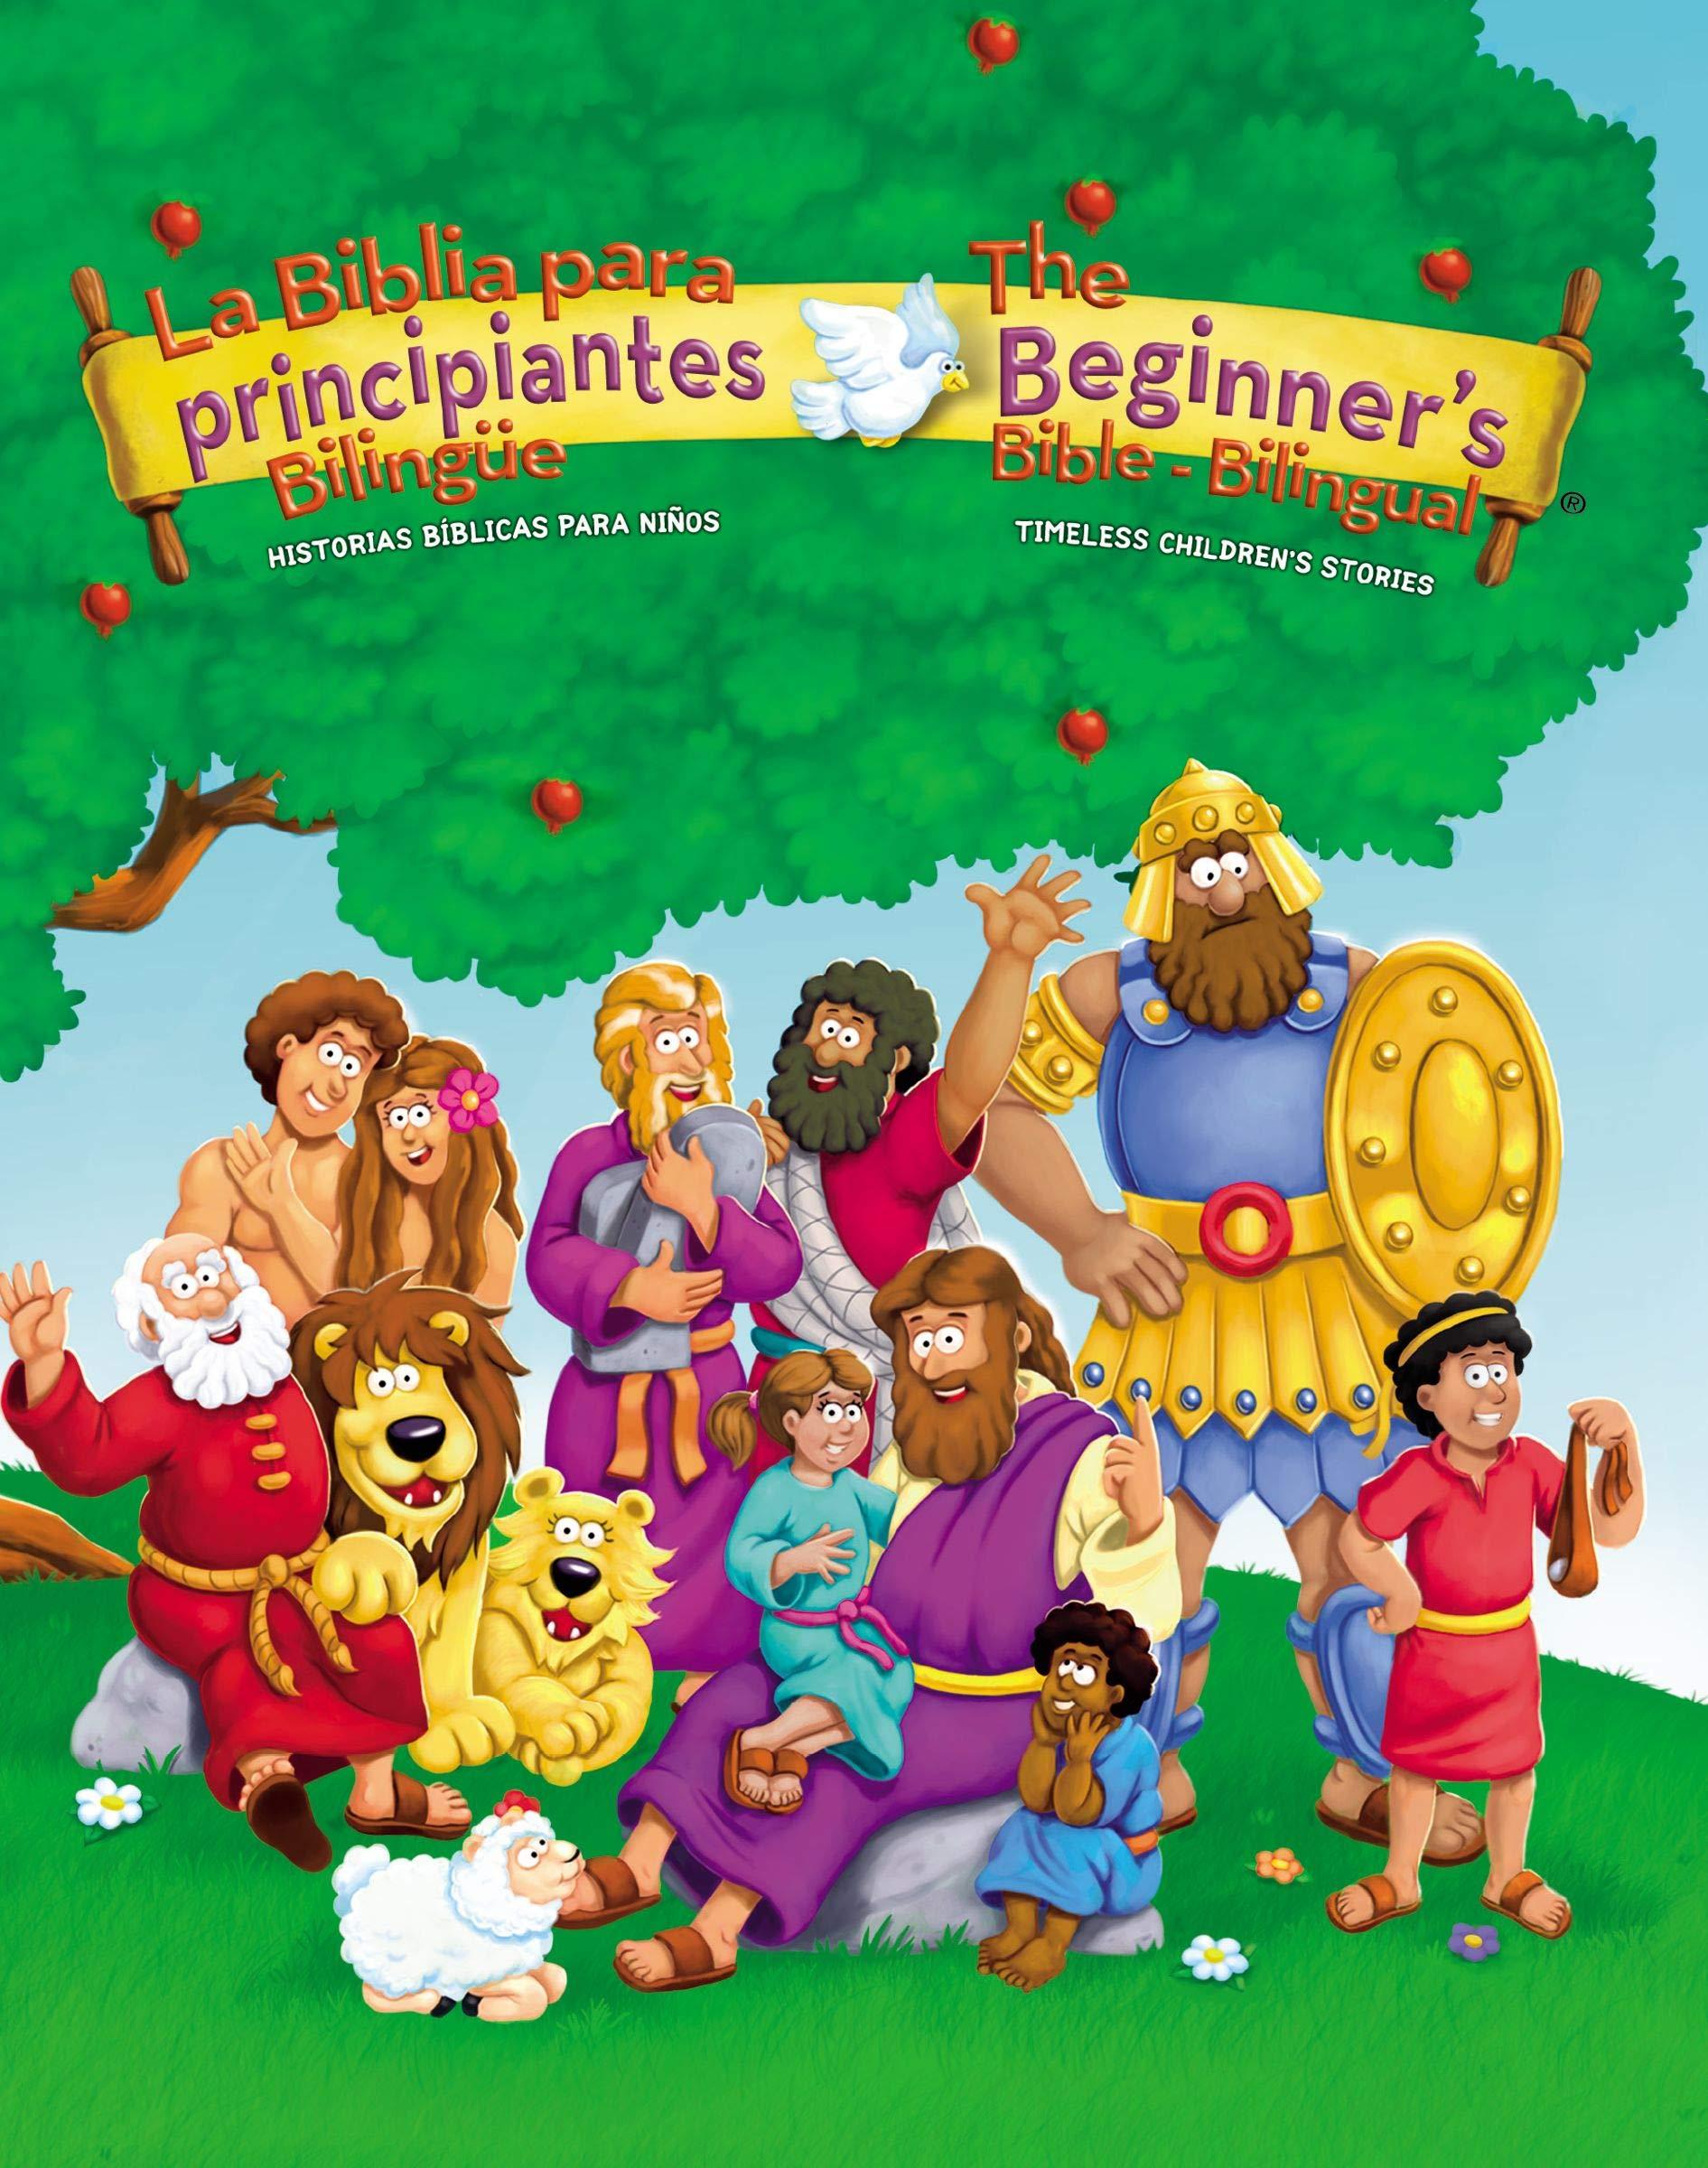 La Biblia Para Principiantes Bilingüe: Historias Bíblicas ...